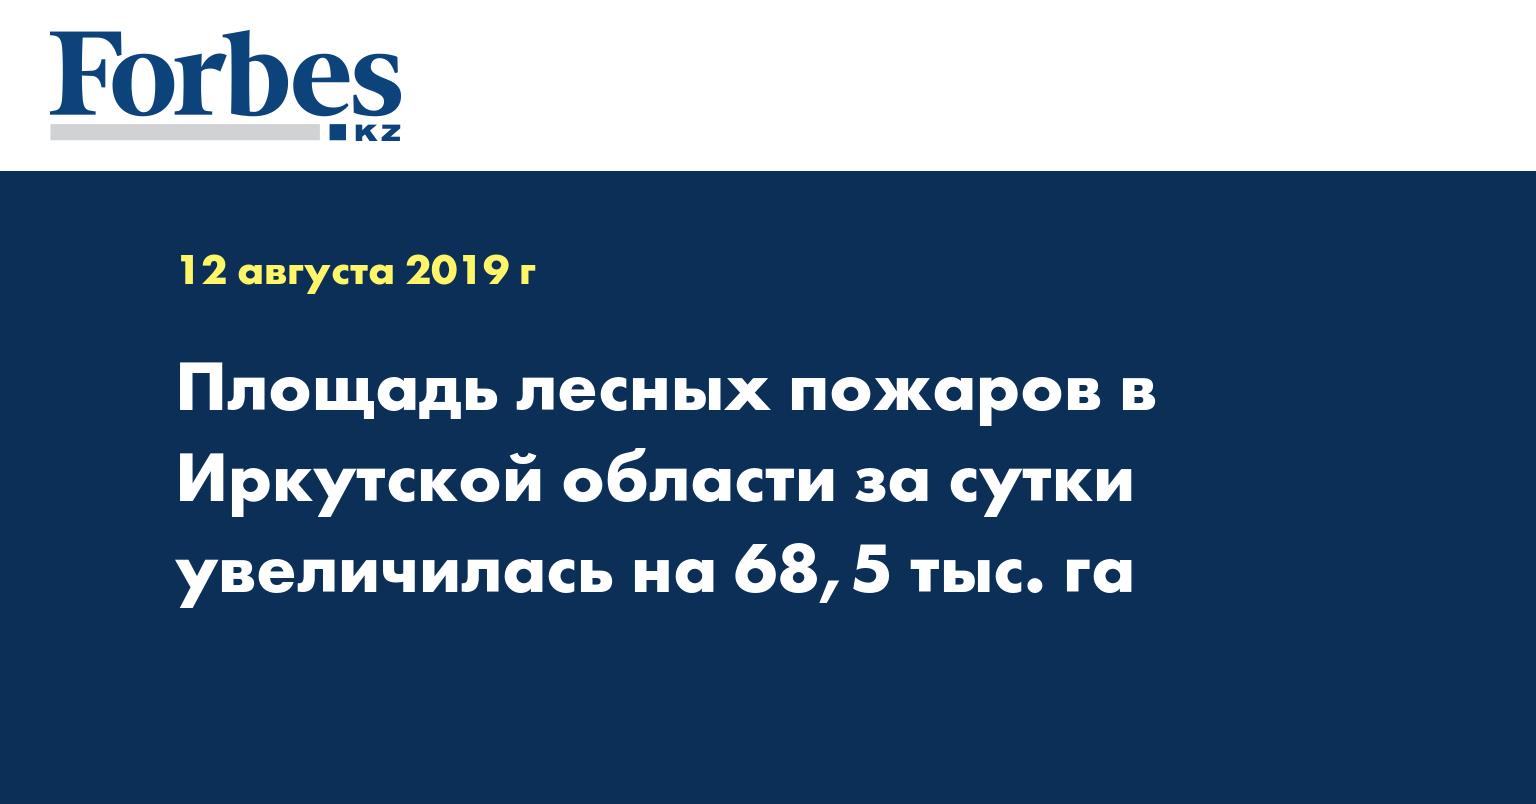 Площадь лесных пожаров в Иркутской области за сутки увеличилась на 68,5 тыс. га